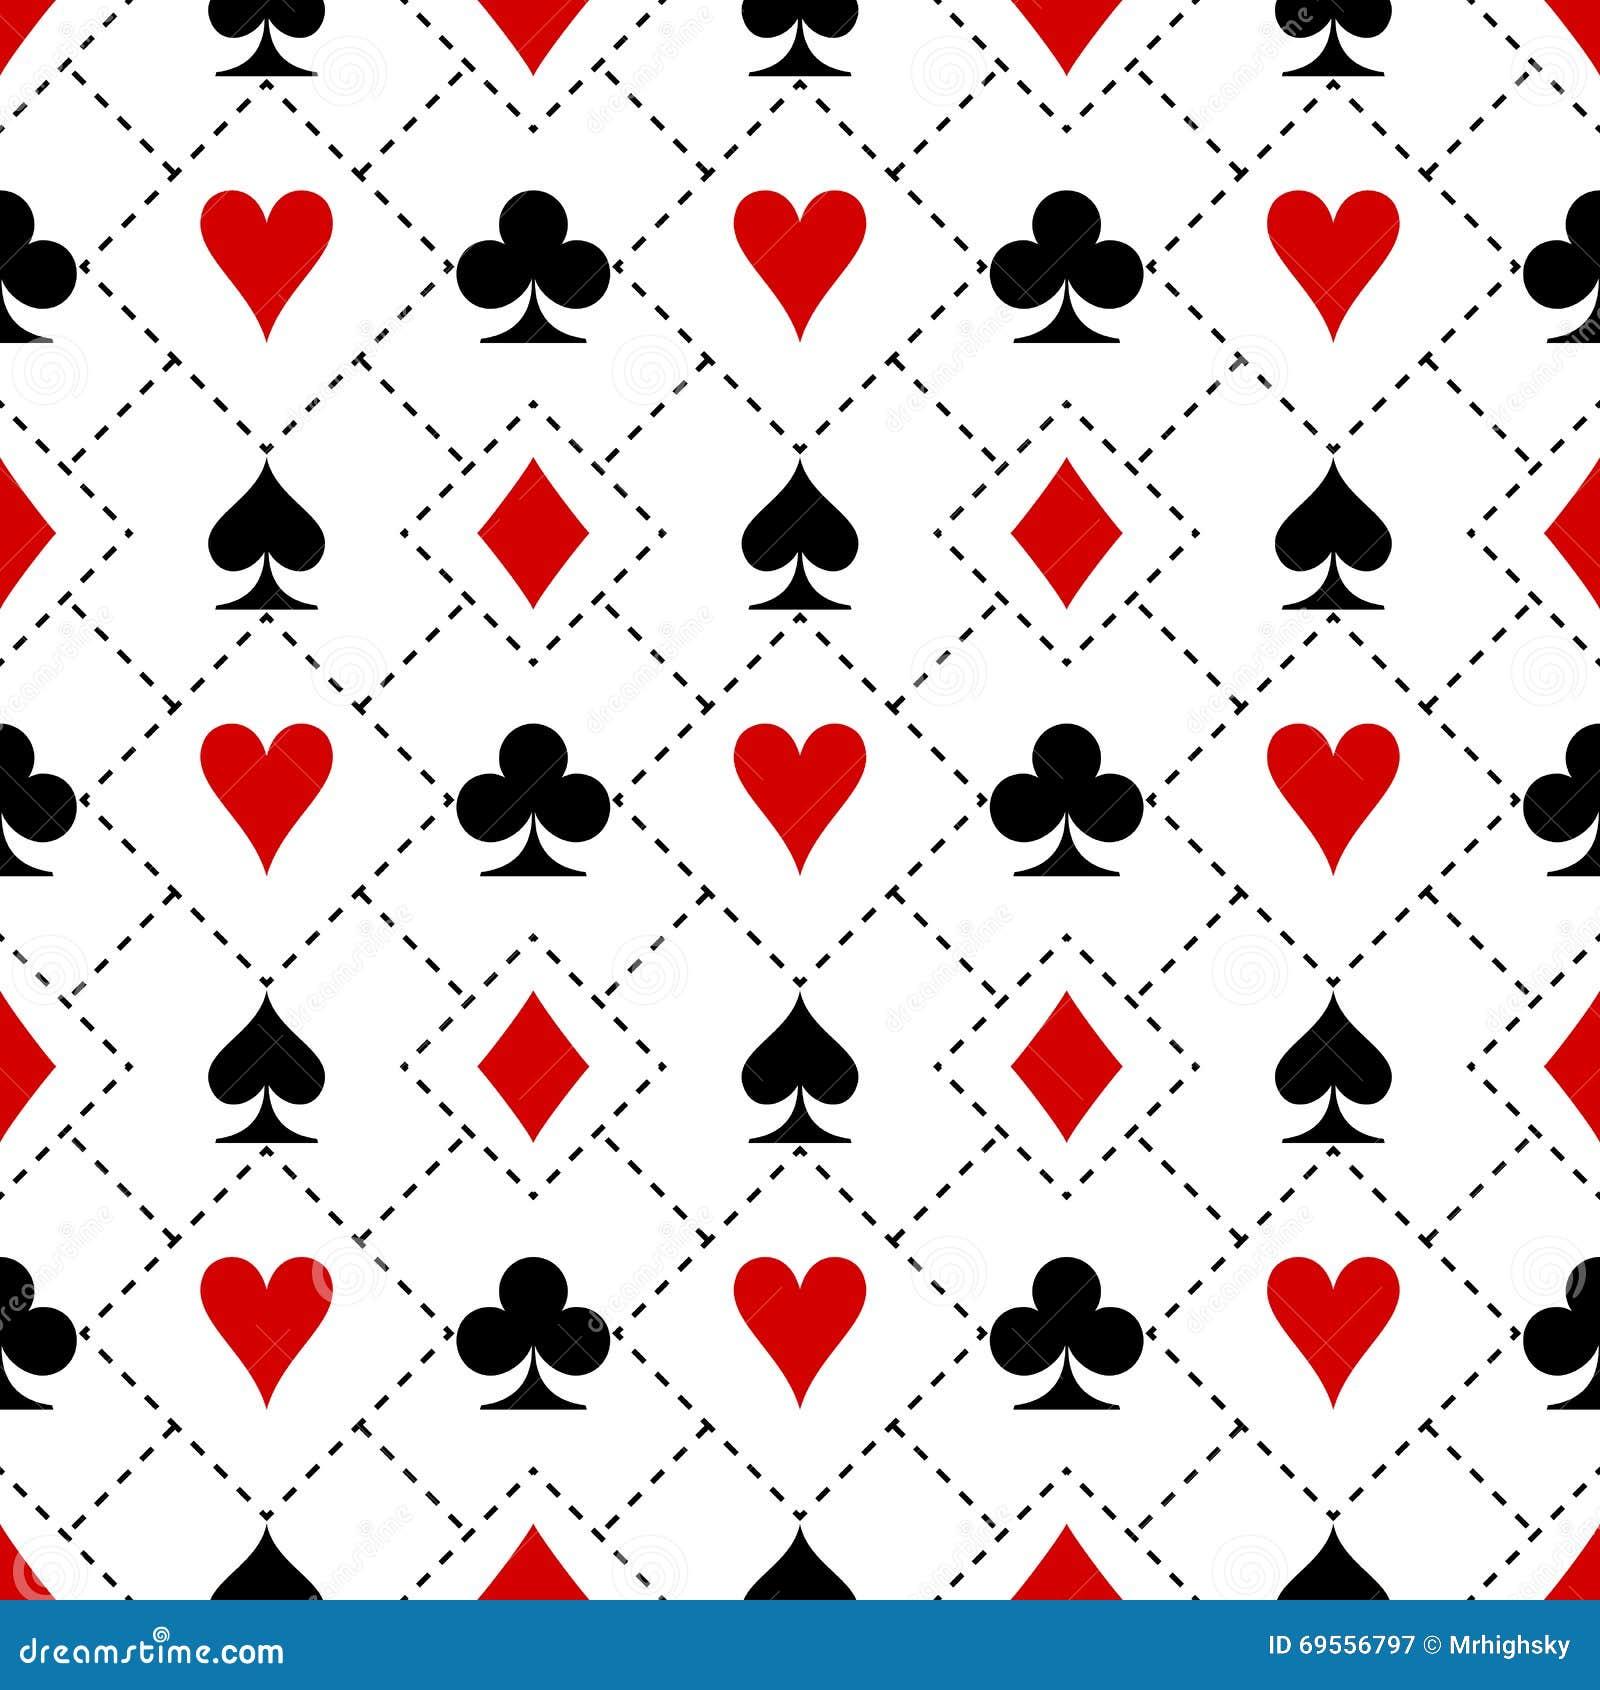 卡片衣服标志无缝的样式设计.图片